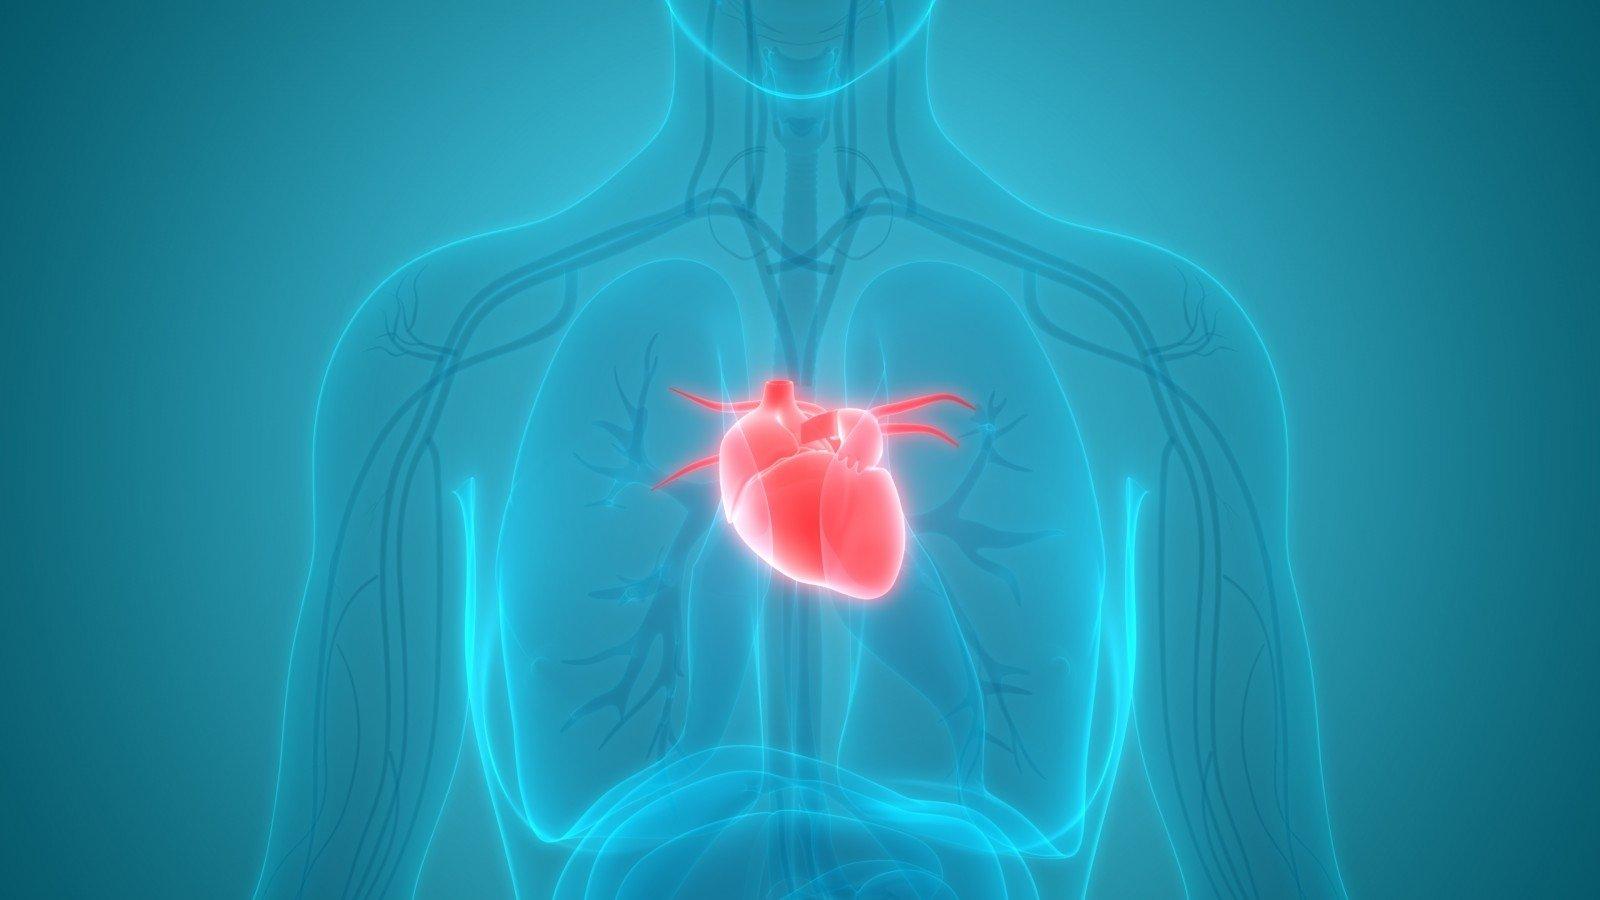 veiksniai, darantys įtaką širdies sveikatai)